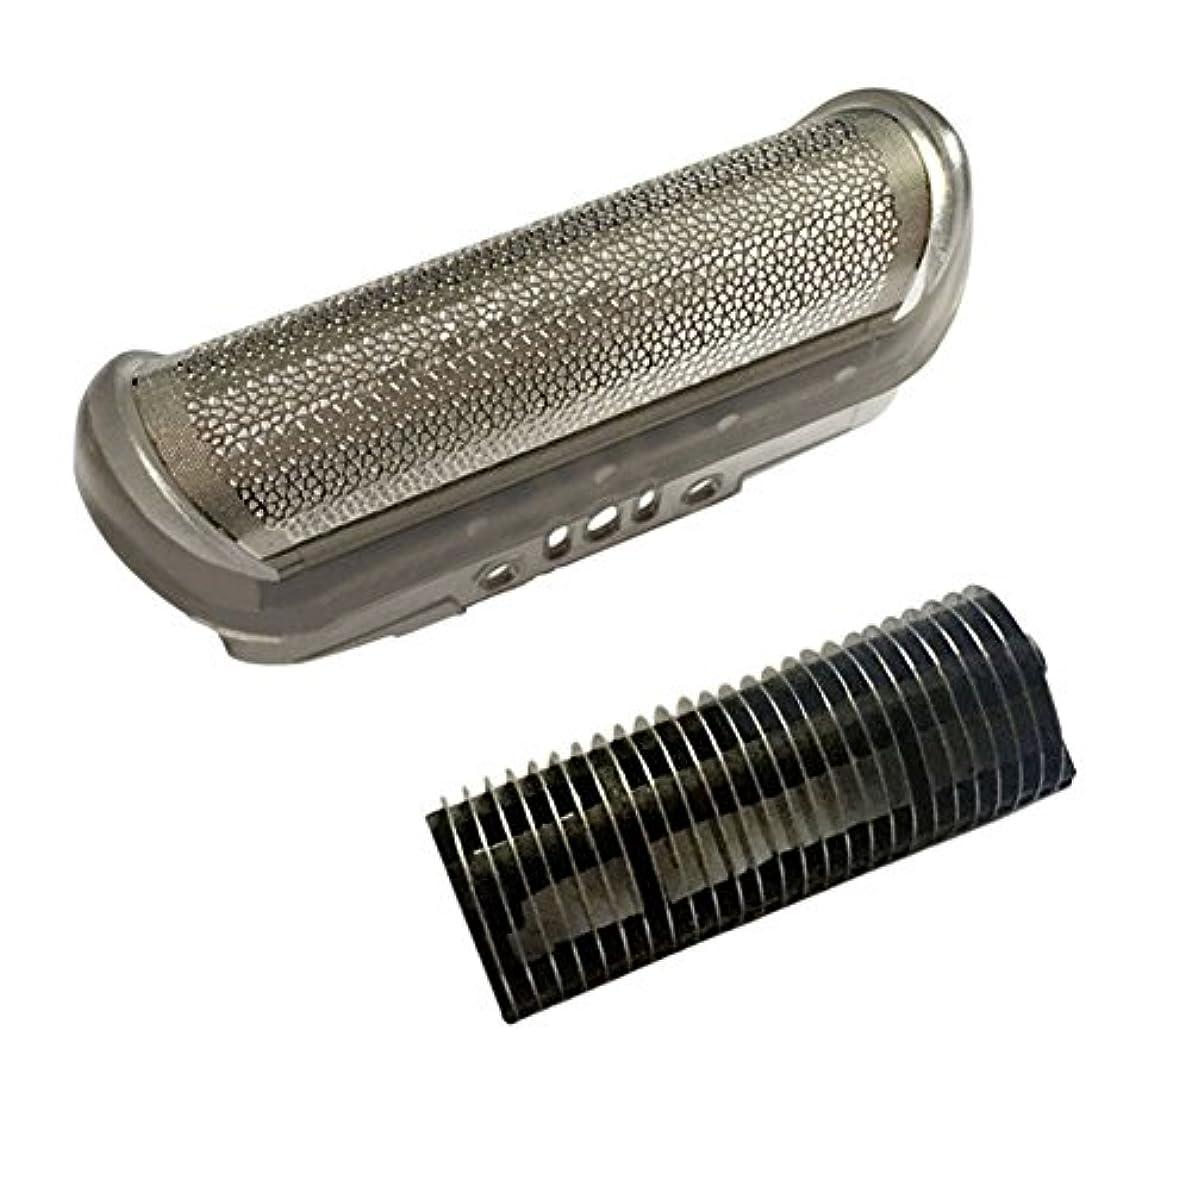 測る寸前Hzjundasi シェーバー かみそり ホイル カッター 刃 for Braun 10B/20B 180 190 190S 1775 1735 2675